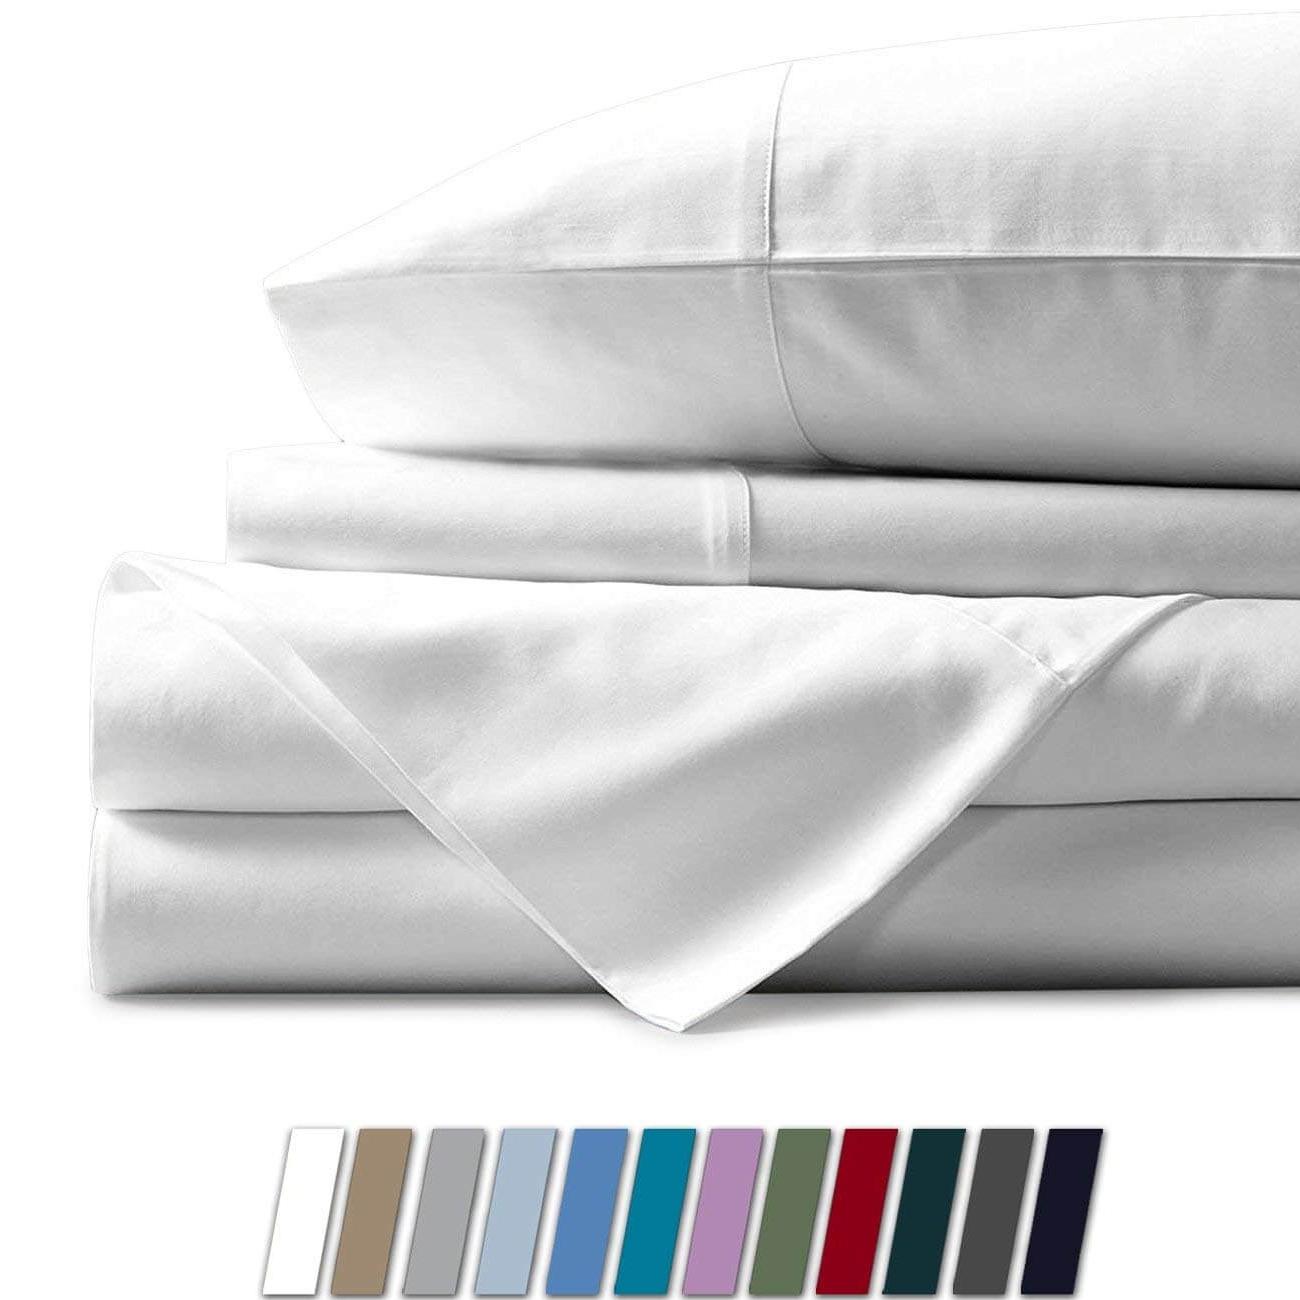 Mayfair Linen 100% Egyptian Cotton Sheet Set 800 Thread Count Long Staple Cotton Sateen Weave Fits Mattress Up to 18'' deep Pocket